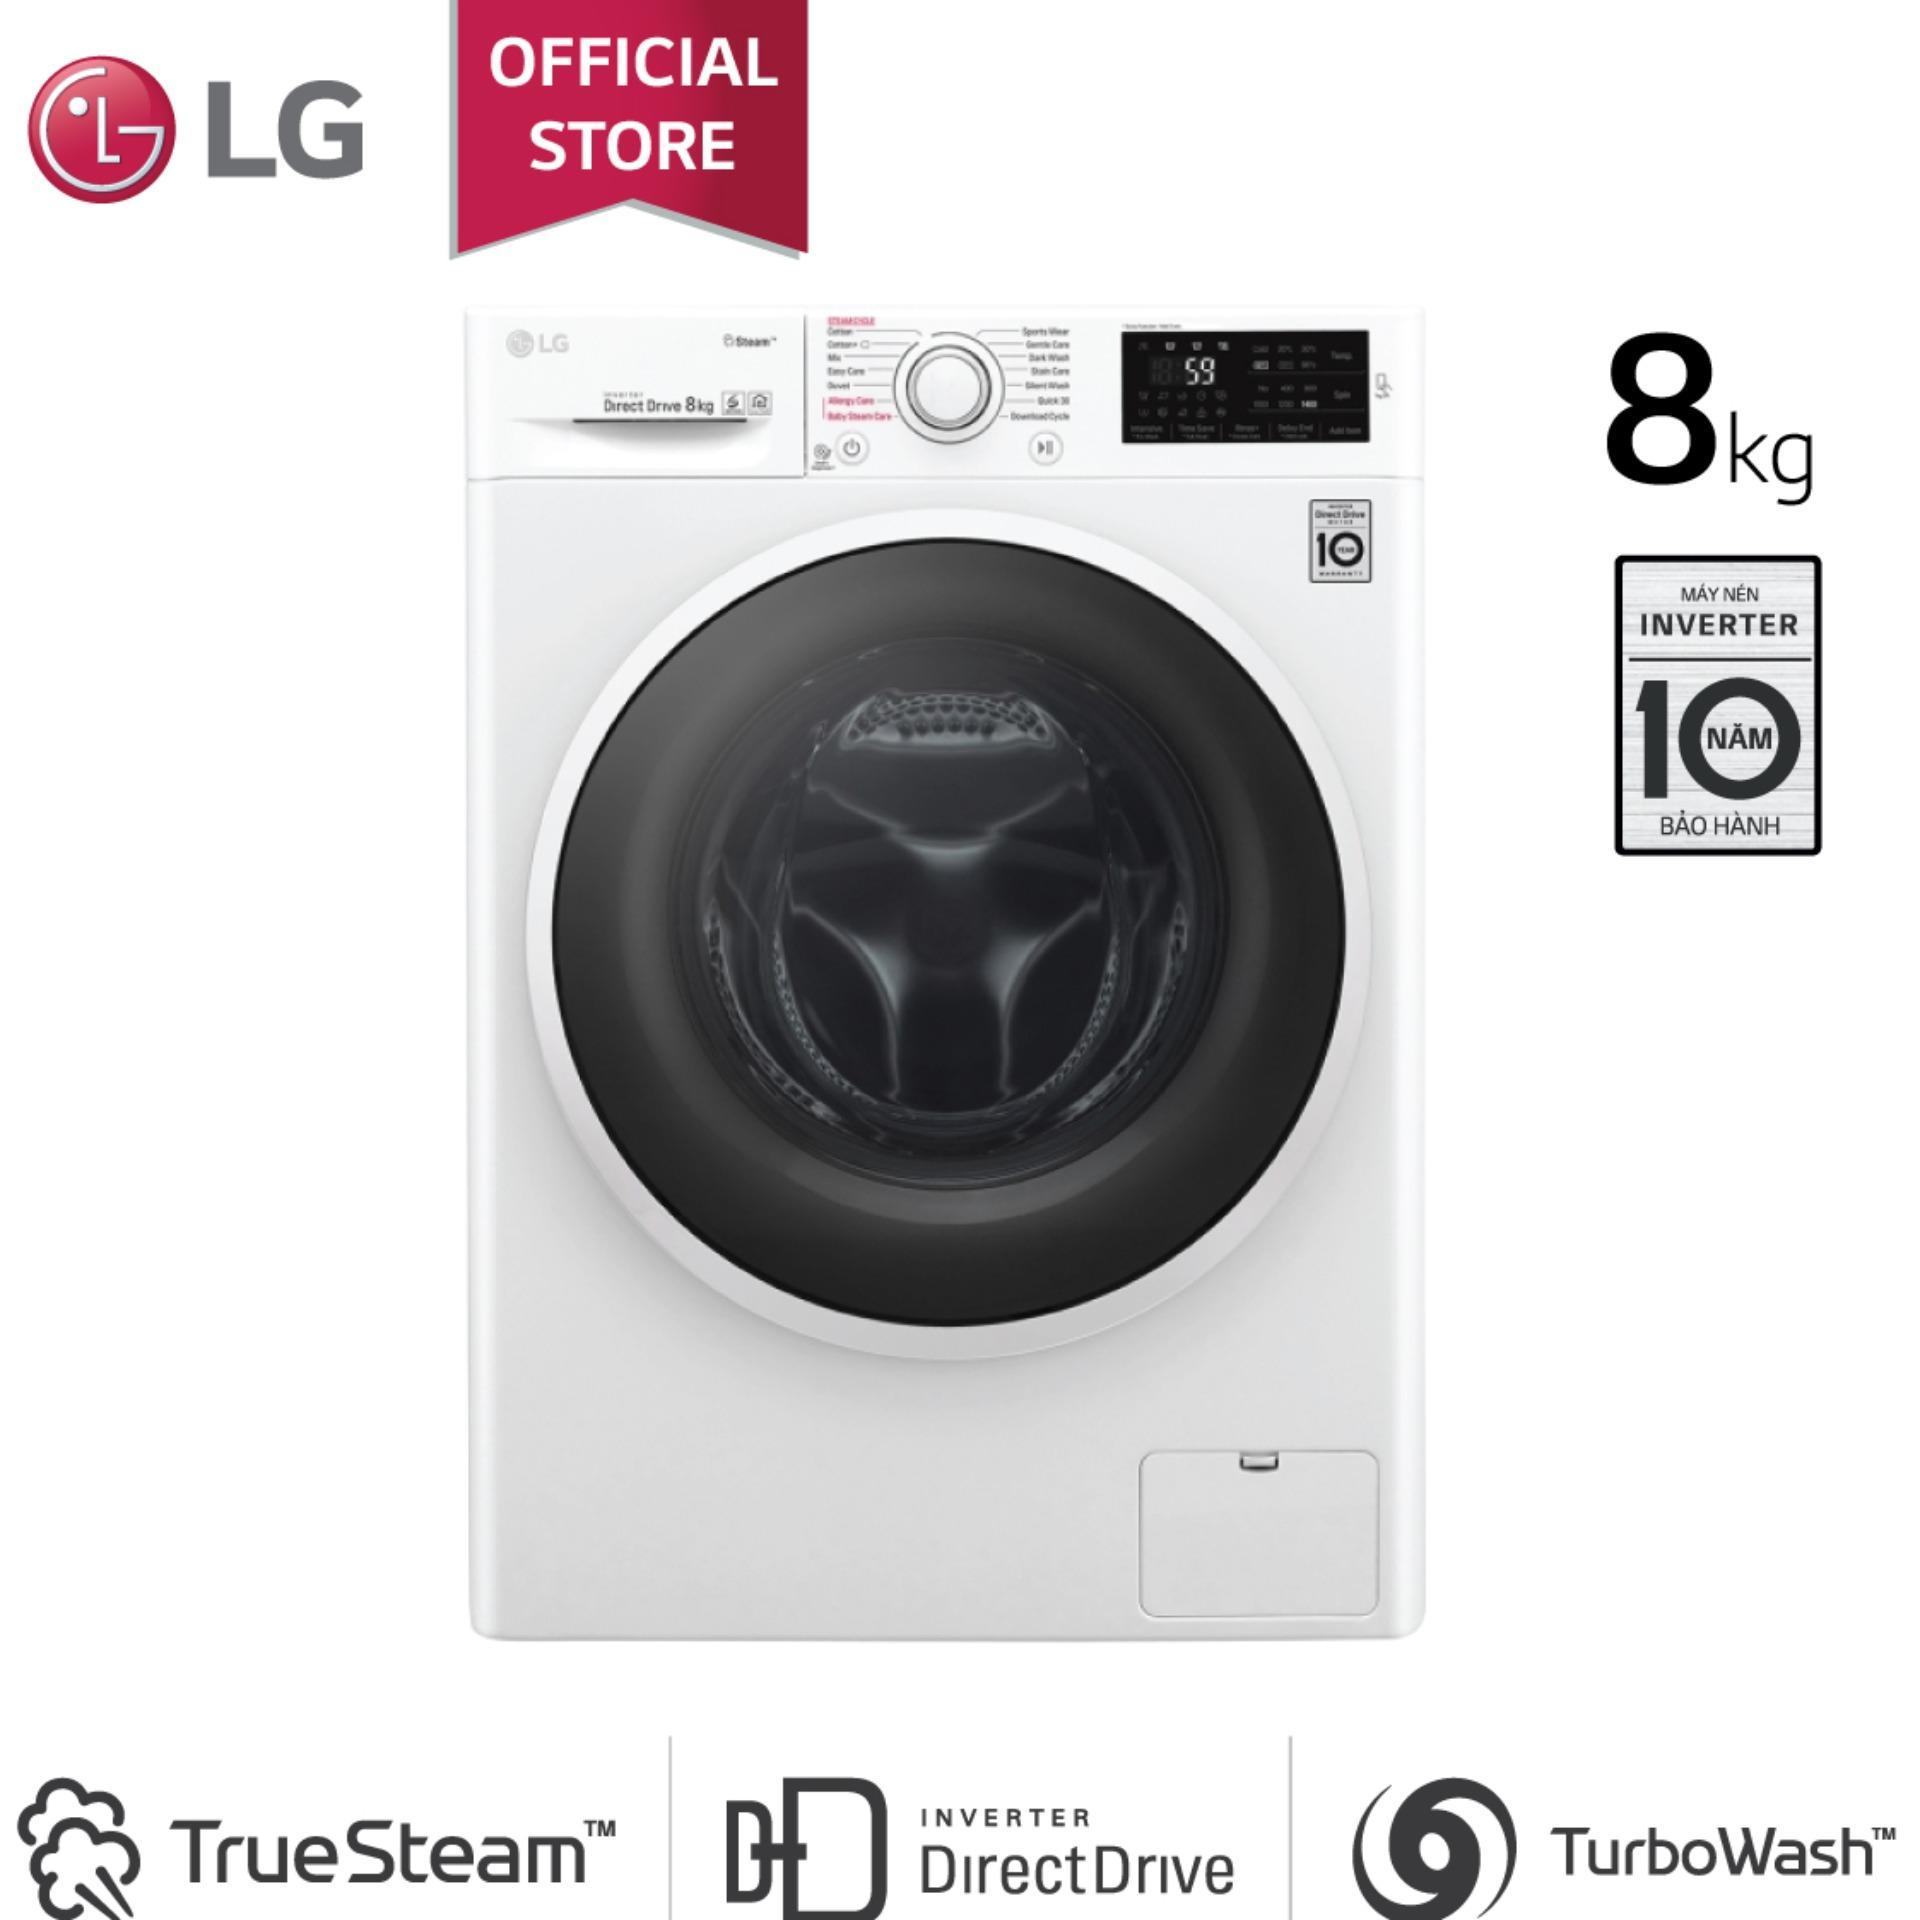 Máy giặt LG Inverter FC1408S5W 8kg (2019) - Hàng phân phối chính hãng.